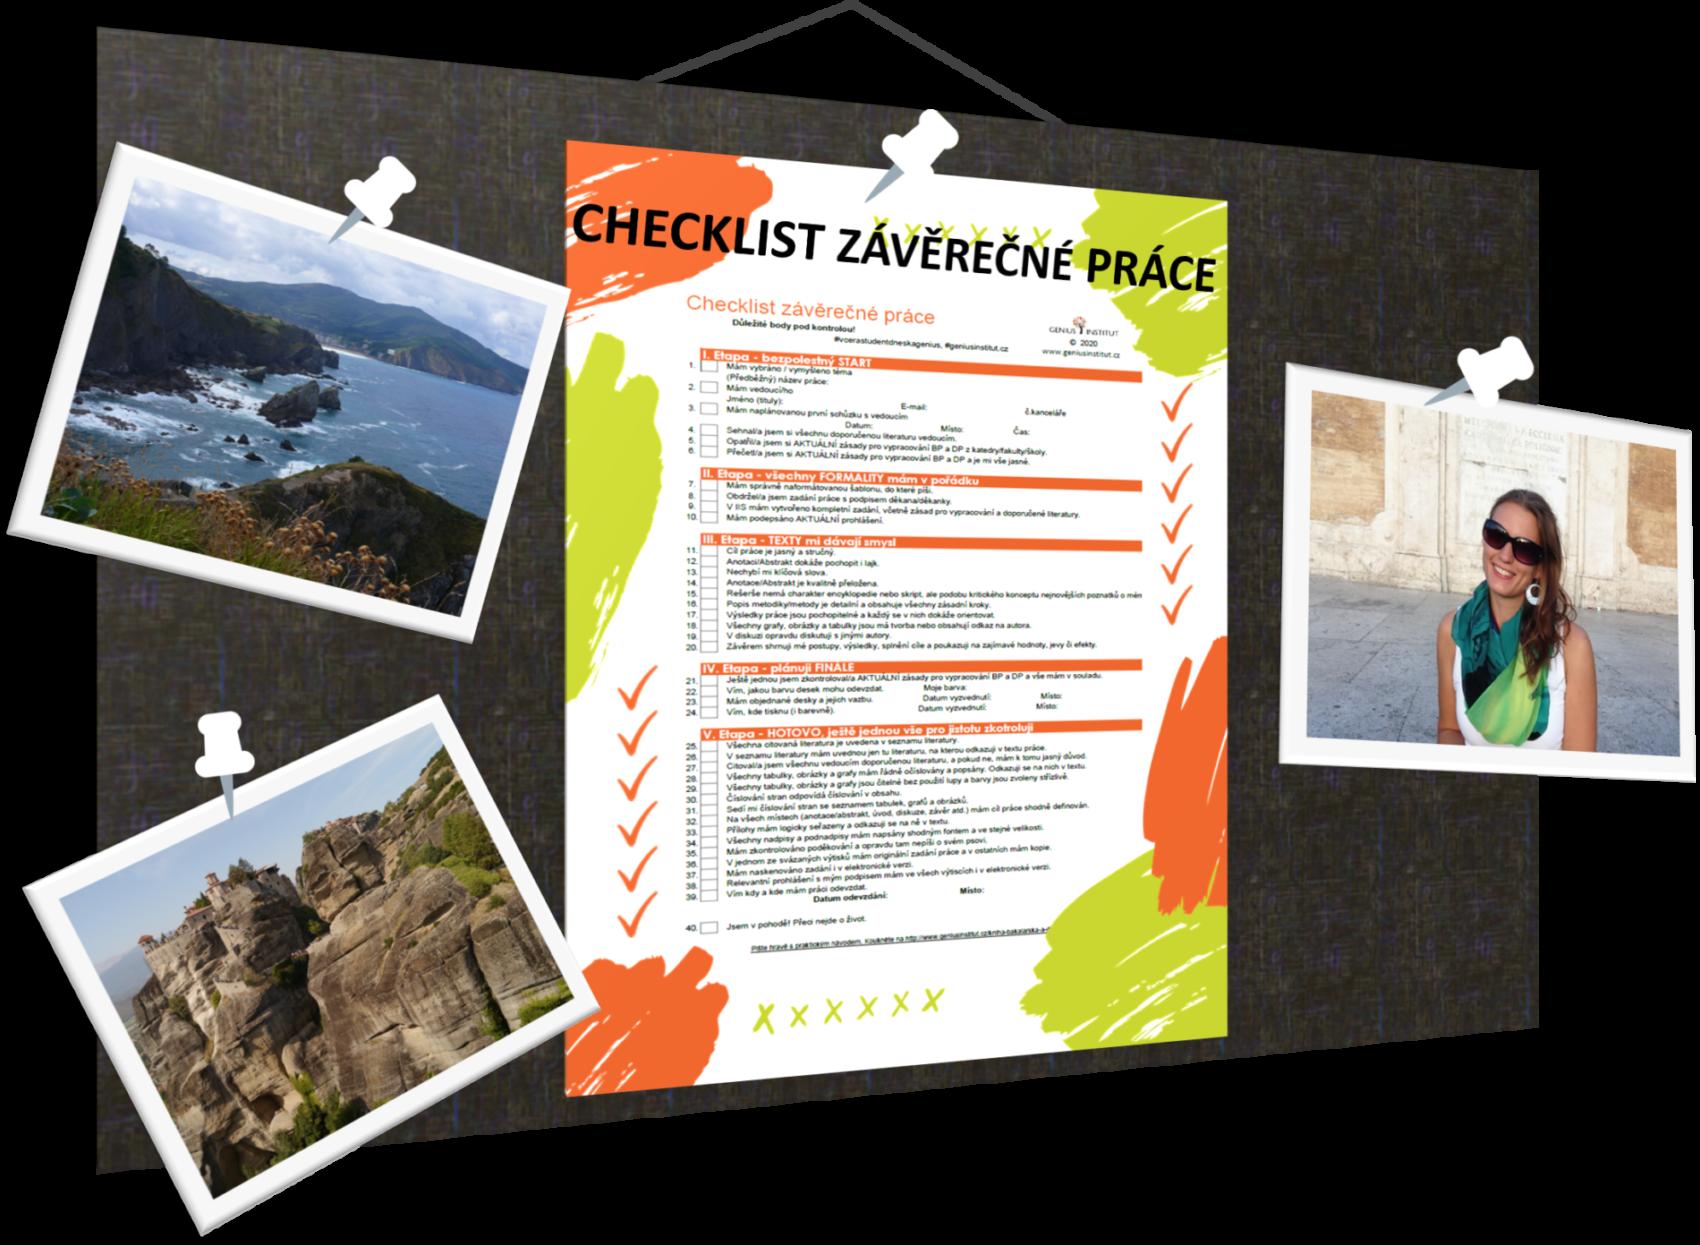 Nástěnka s checklistem závěrečné práce